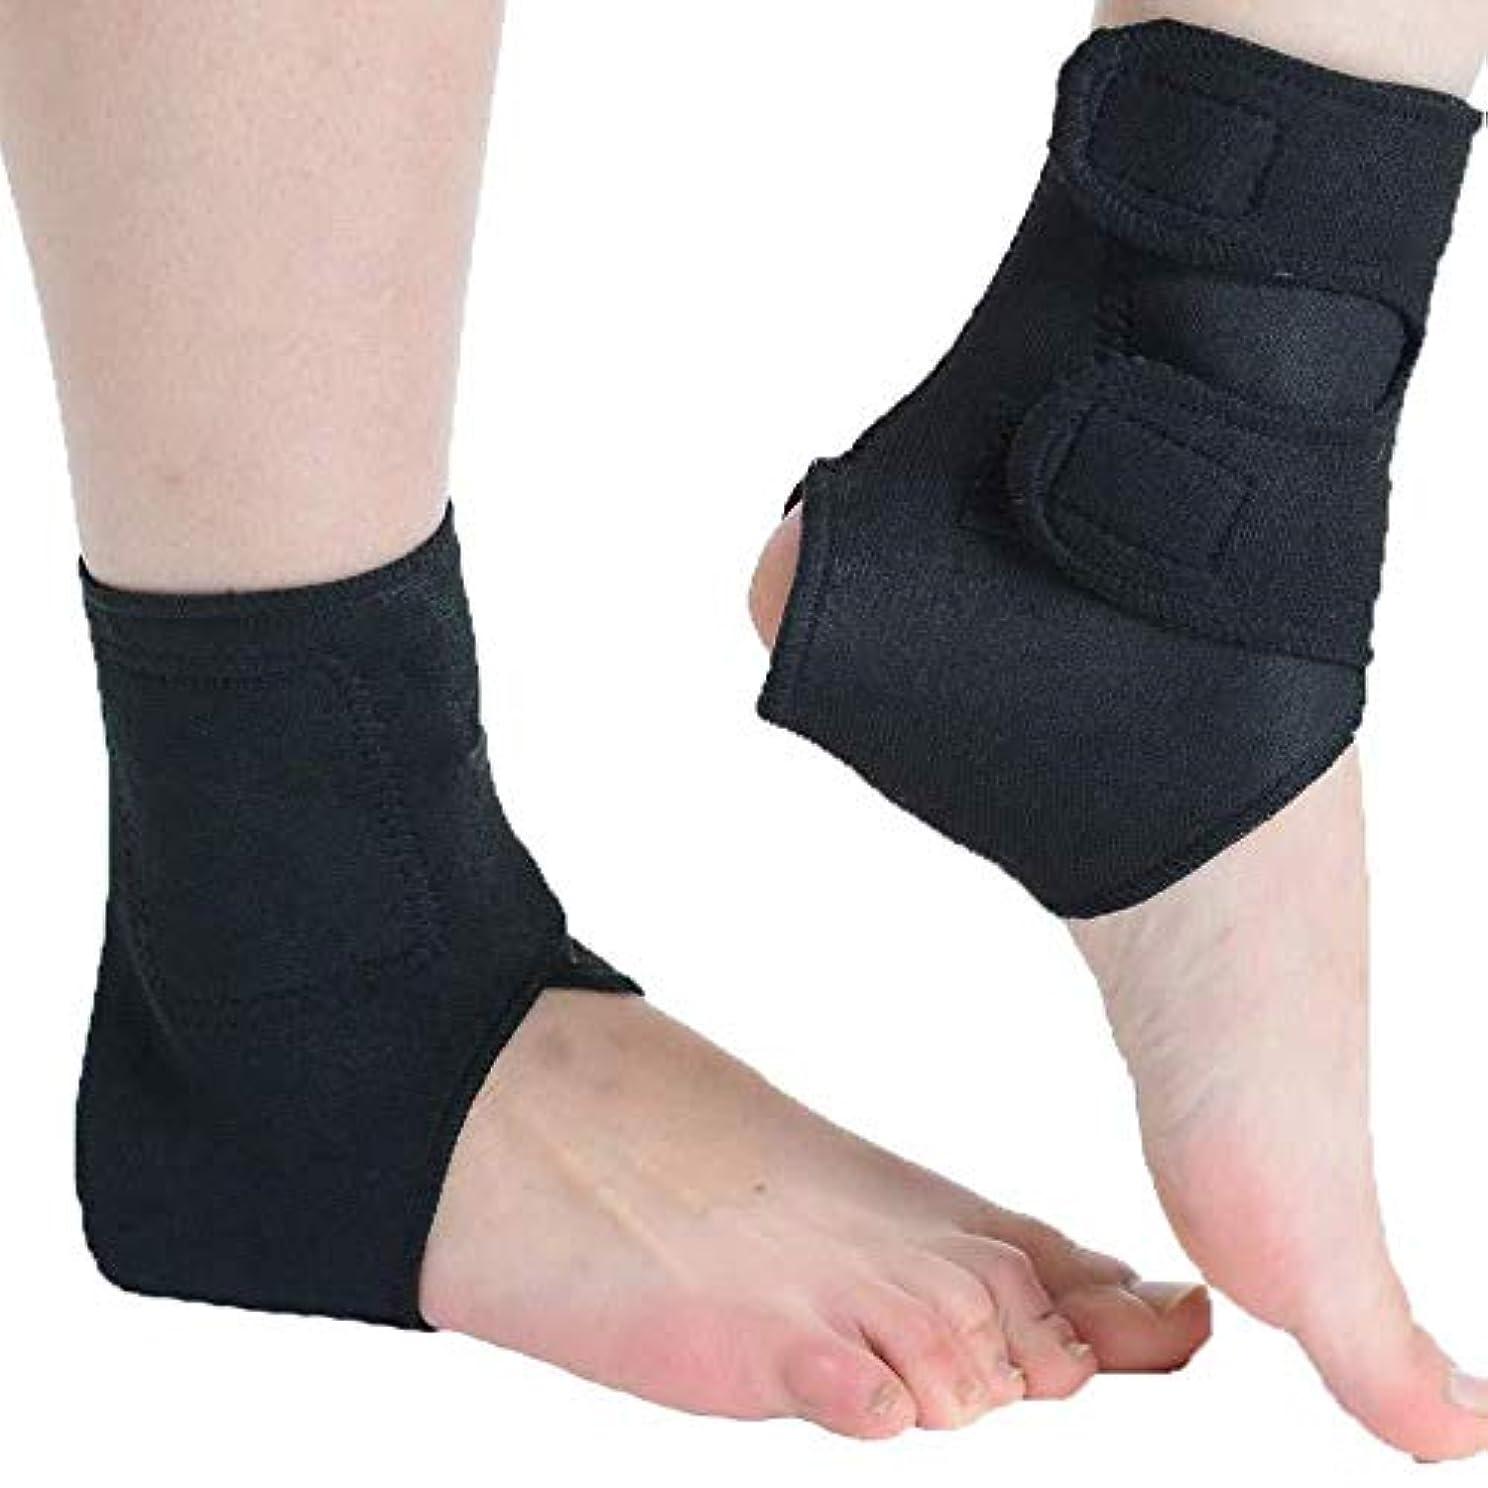 下手驚くべきかかわらずつま先セパレーター、歩行、ランニング、休息、つま先パッド用の矯正用つま先セパレーター。足の痛みを和らげます